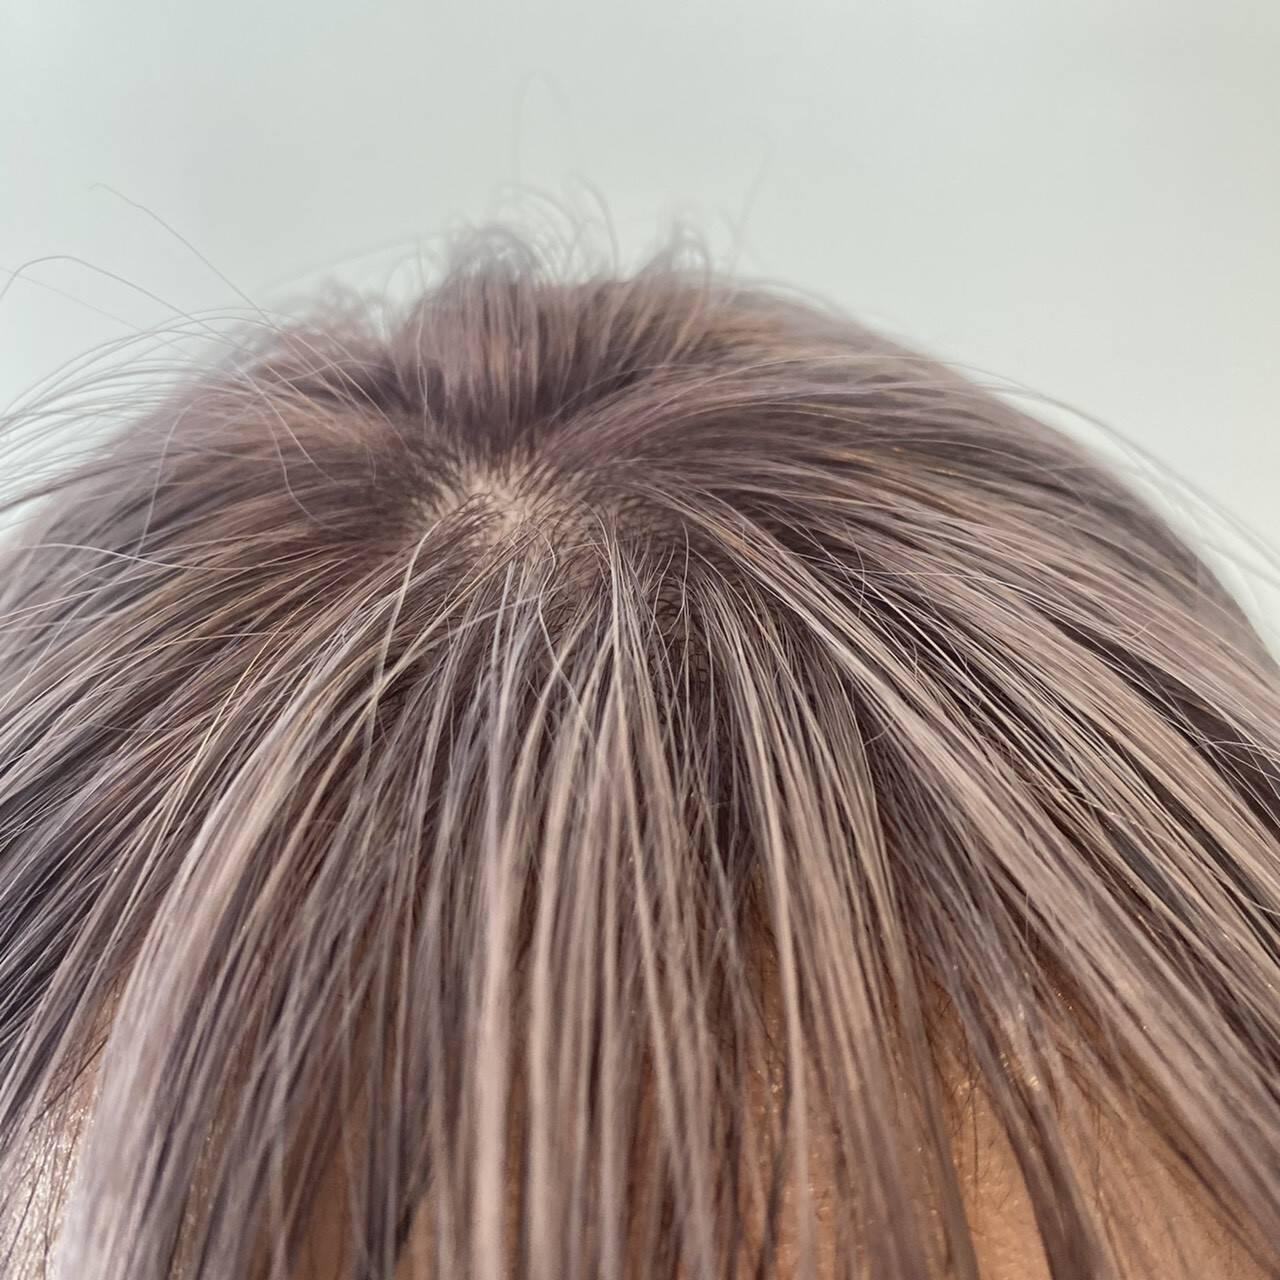 ハイトーンカラー ヘアカラー 3Dハイライト ナチュラルヘアスタイルや髪型の写真・画像